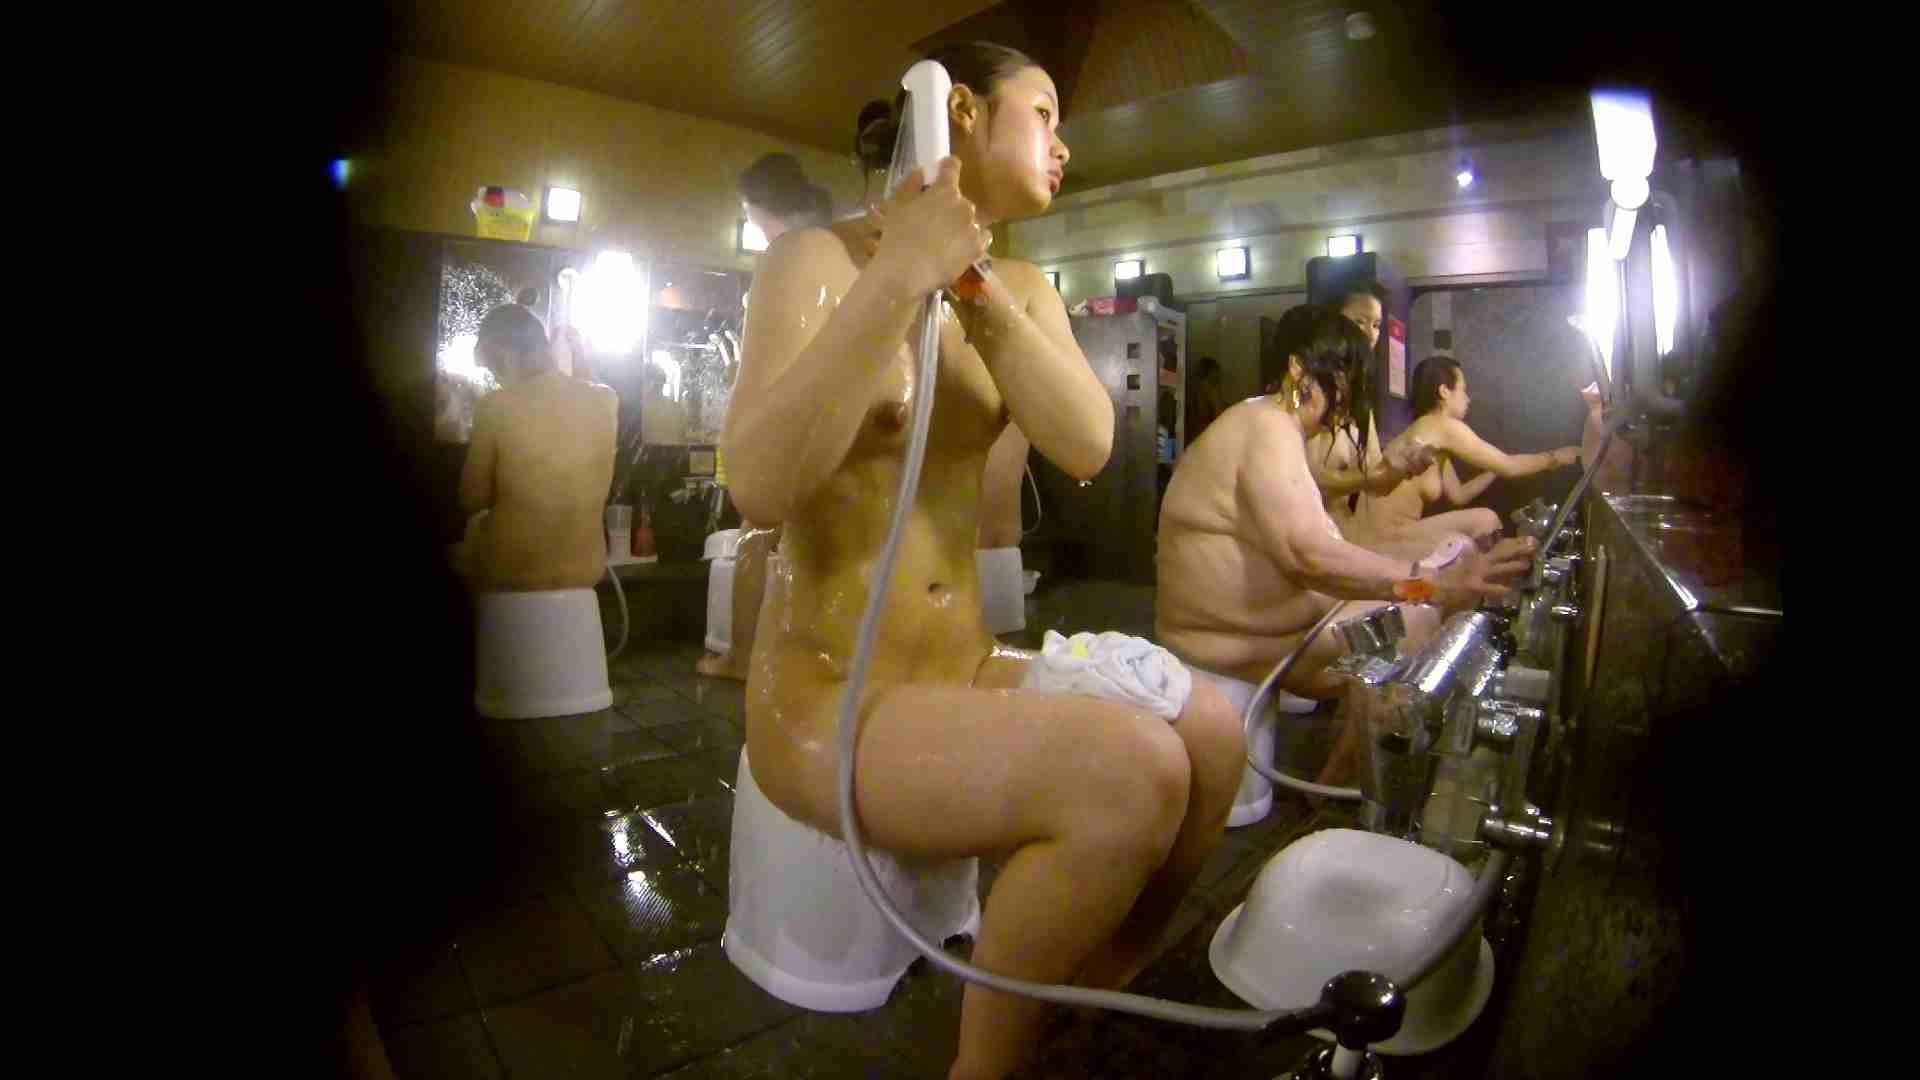 追い撮り!脱衣~洗い場、徹底追跡!撮り師さんに拍手!! 追跡  67PIX 43